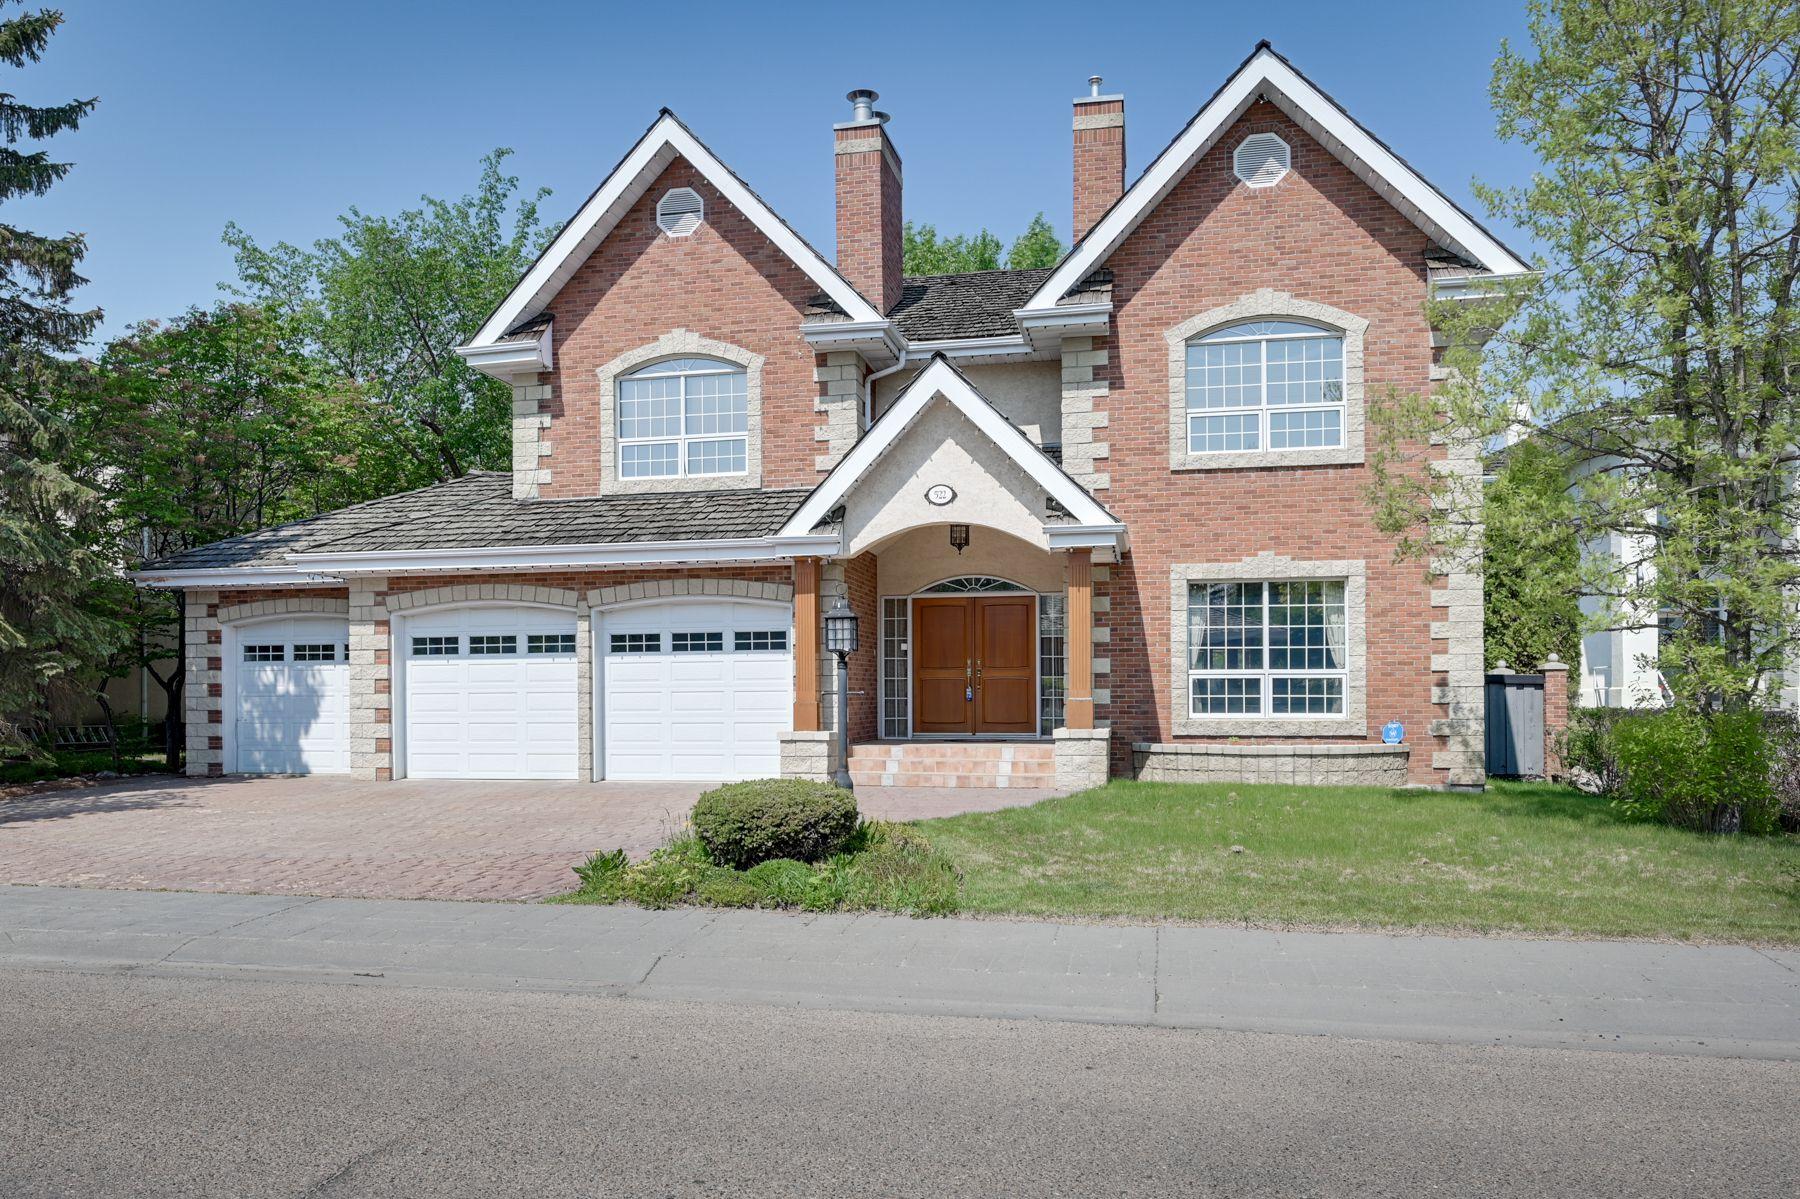 Main Photo: 522 Heffernan Drive in Edmonton: House for sale